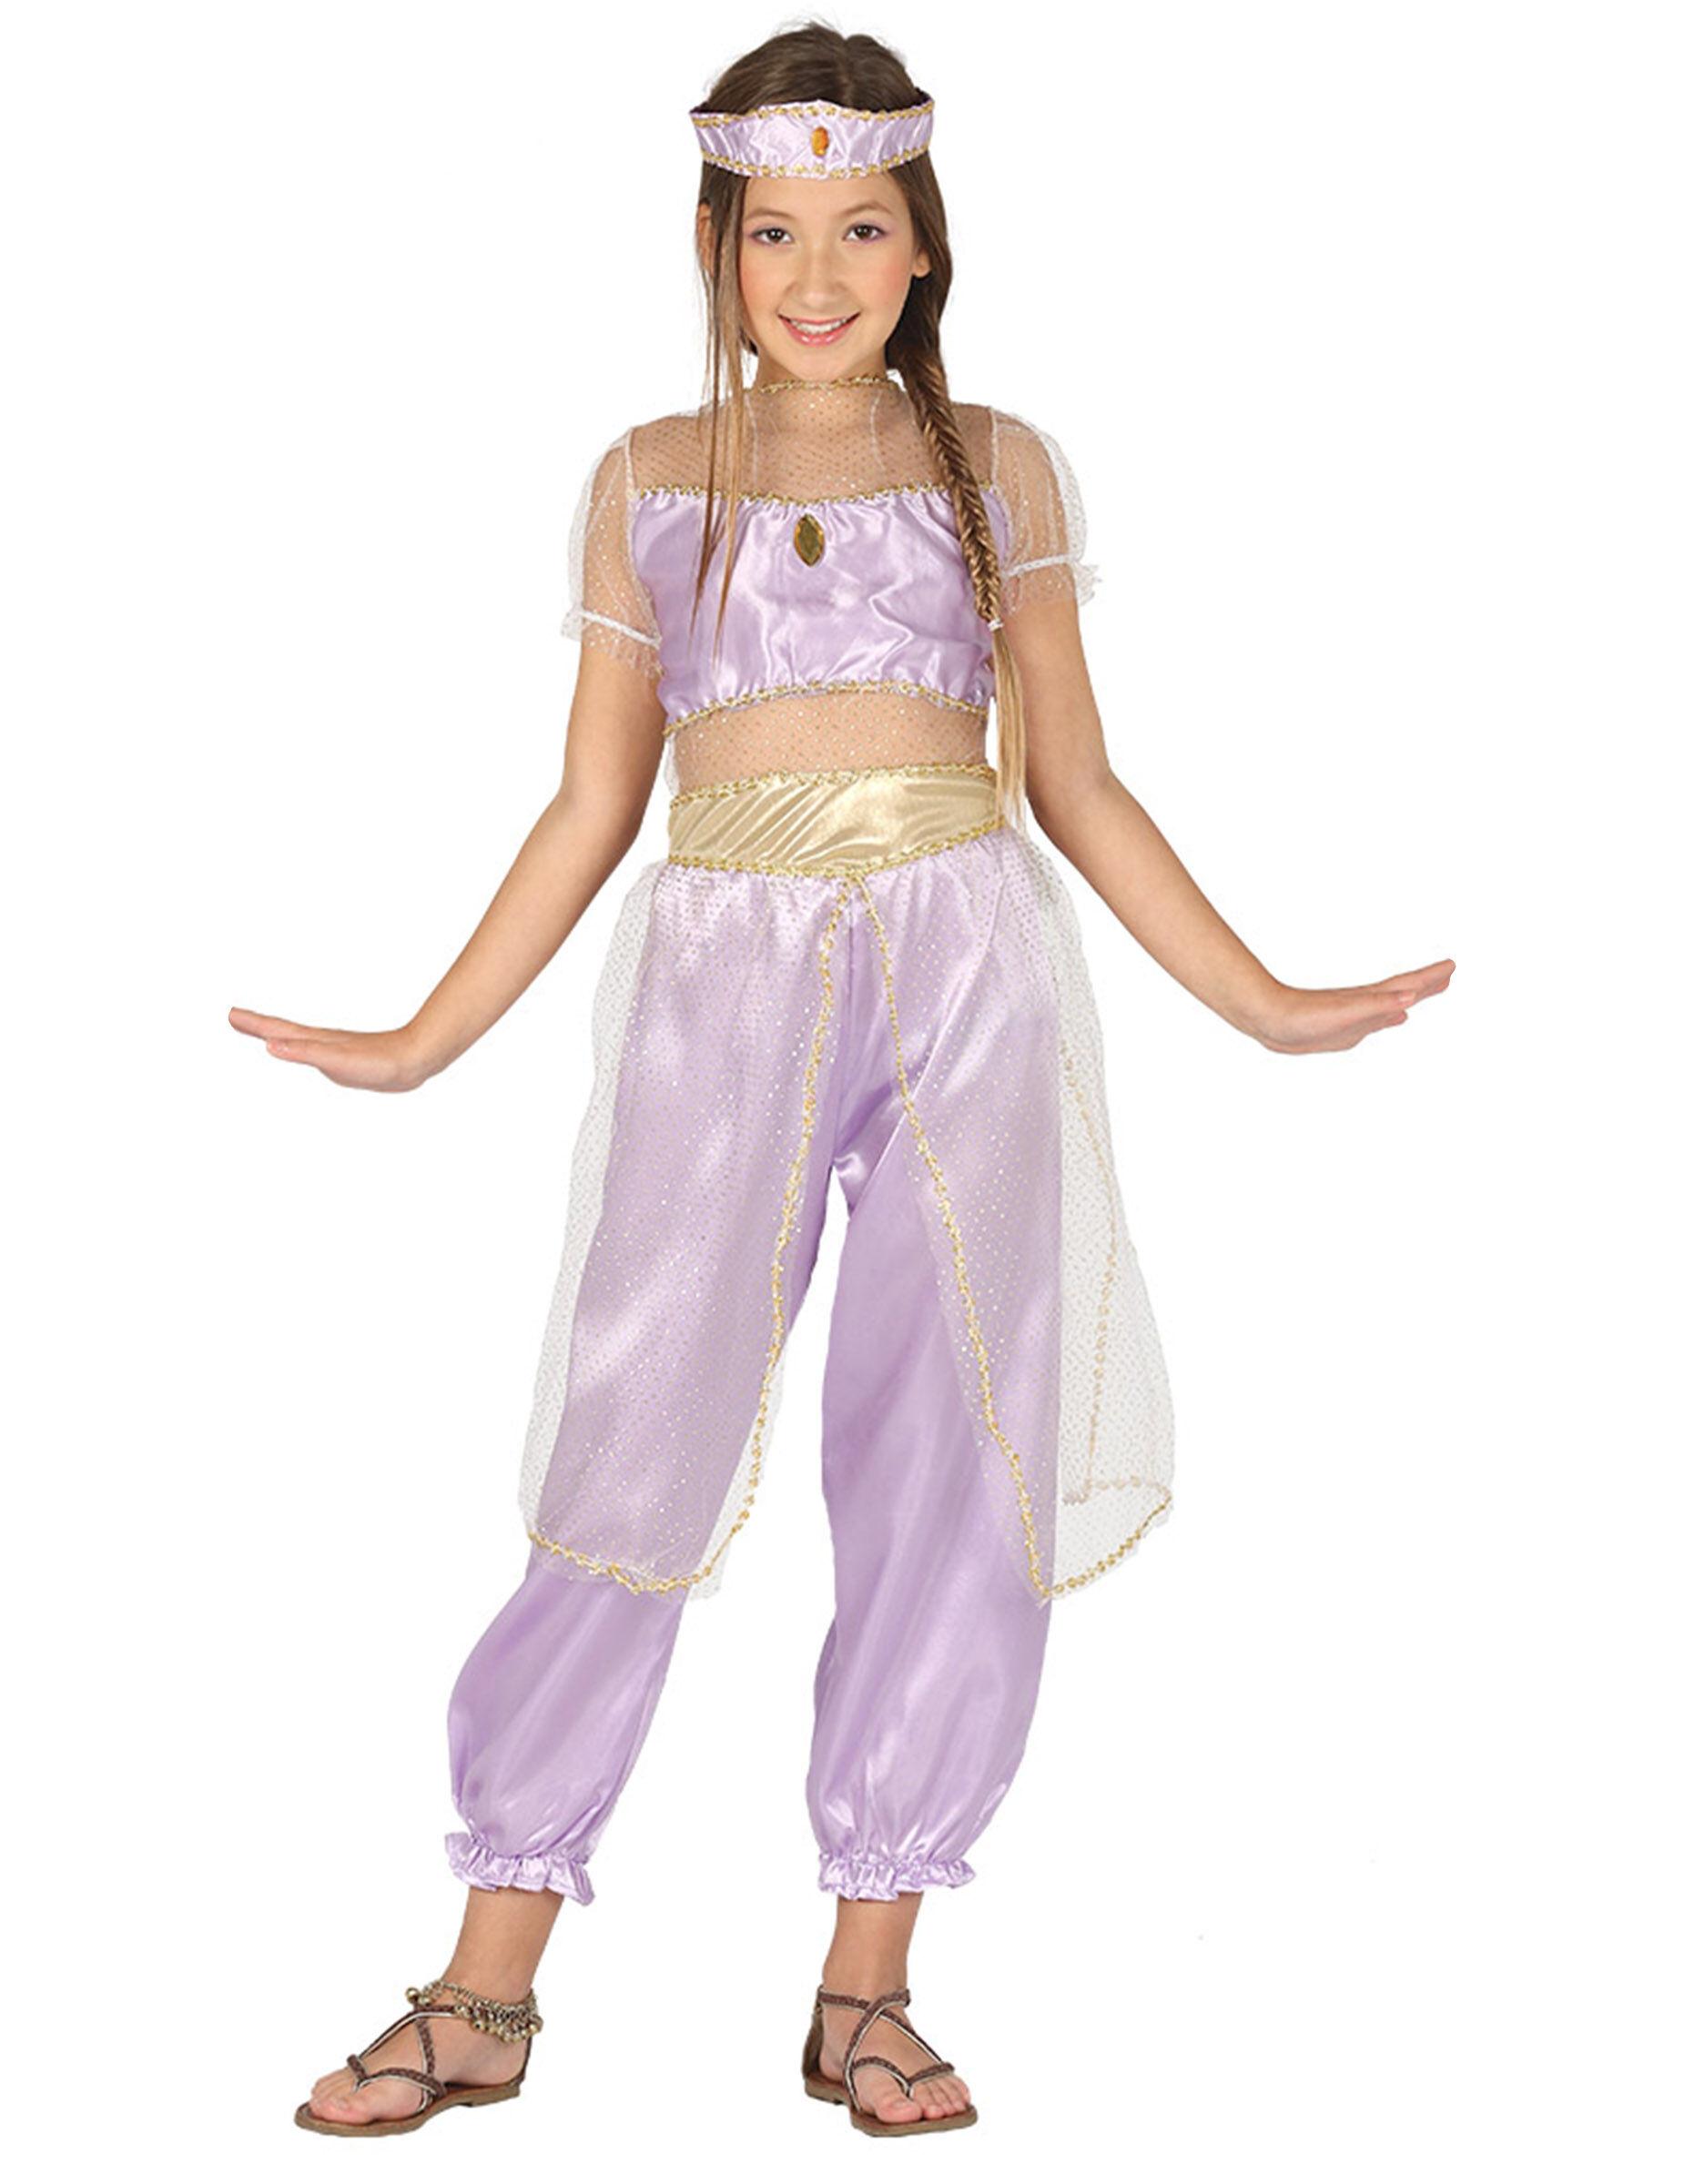 VegaooParty Déguisement princesse du désert violet fille - Taille: 5 à 6 ans (110-115 cm)